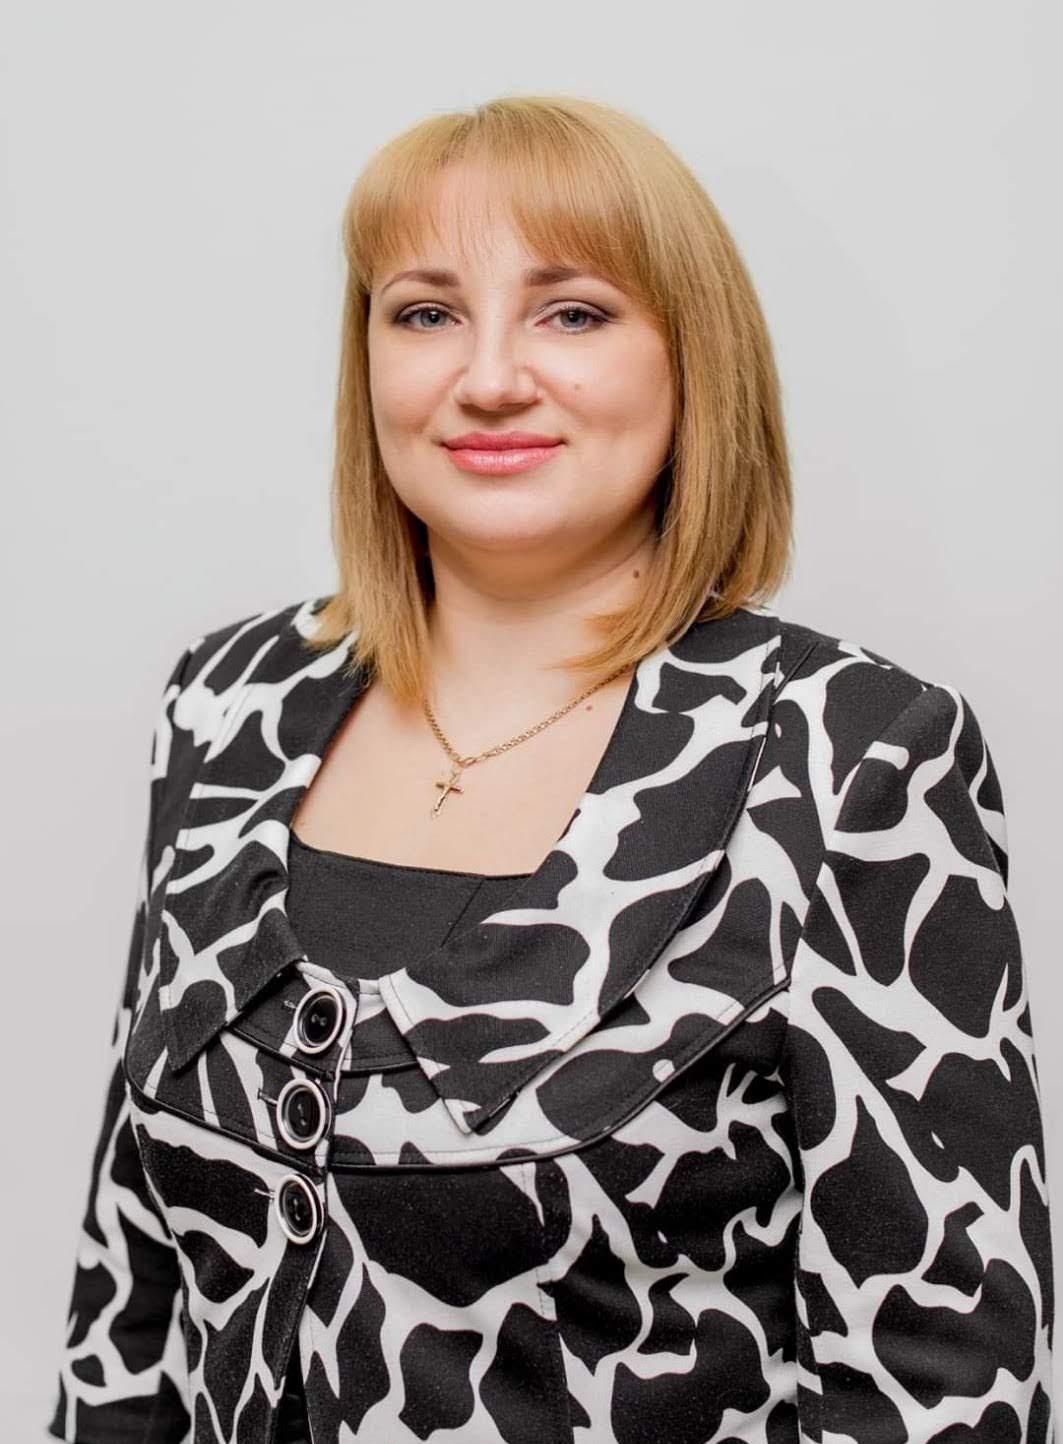 Карман Тетяна Вікторівна